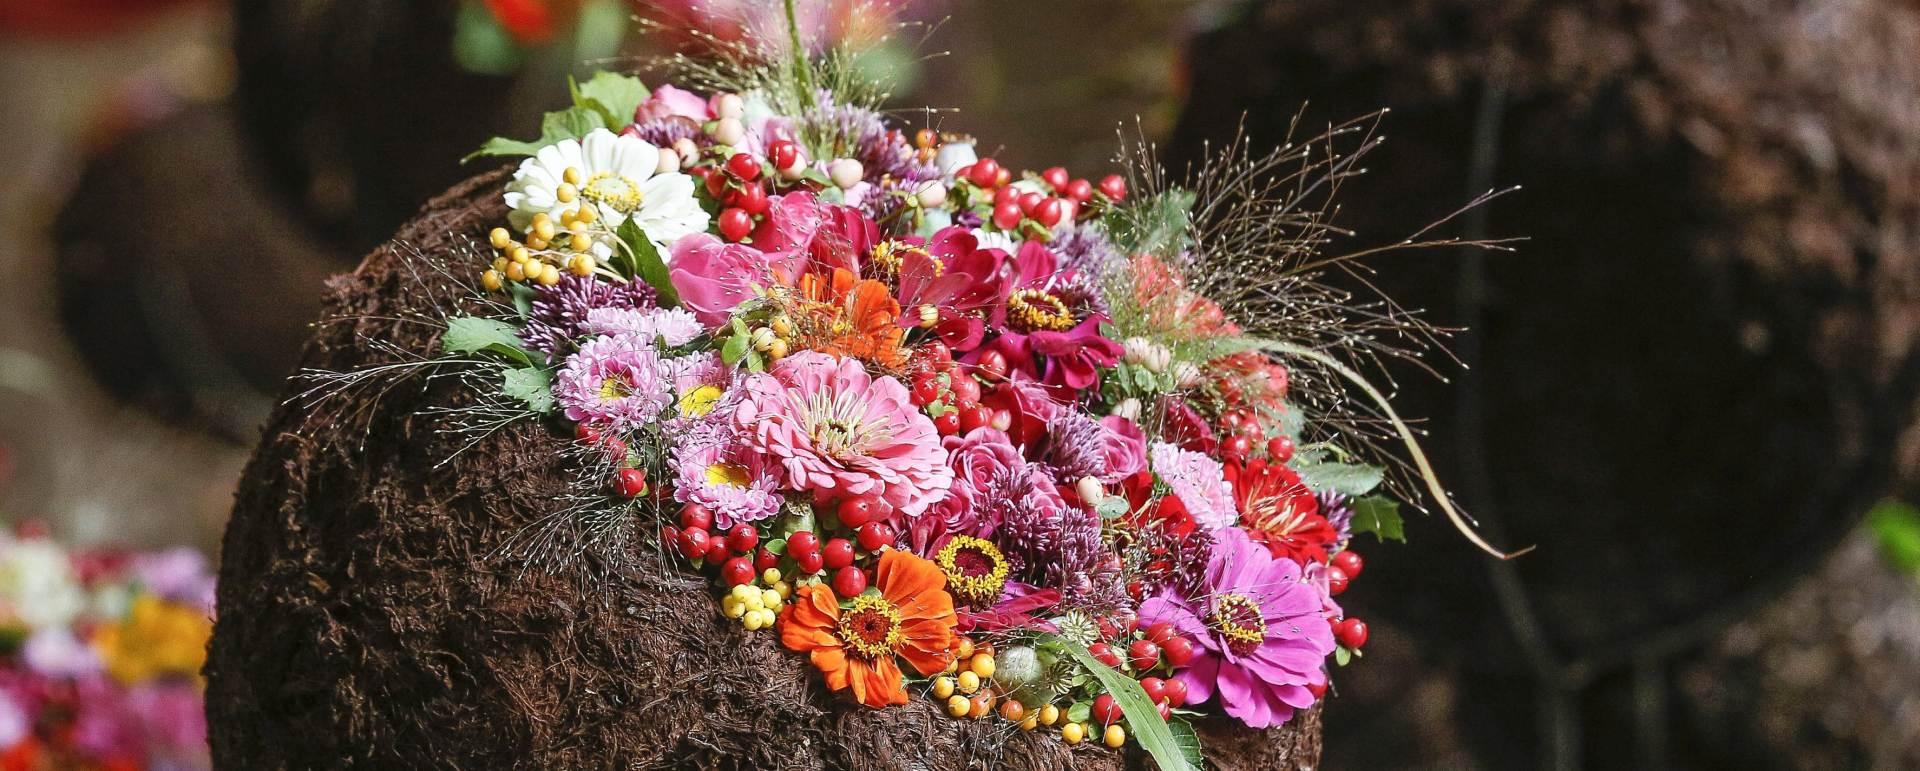 ZARAŽENO NAMETNICIMA: Rusija najavljuje strožu kontrolu uvoza nizozemskog cvijeća